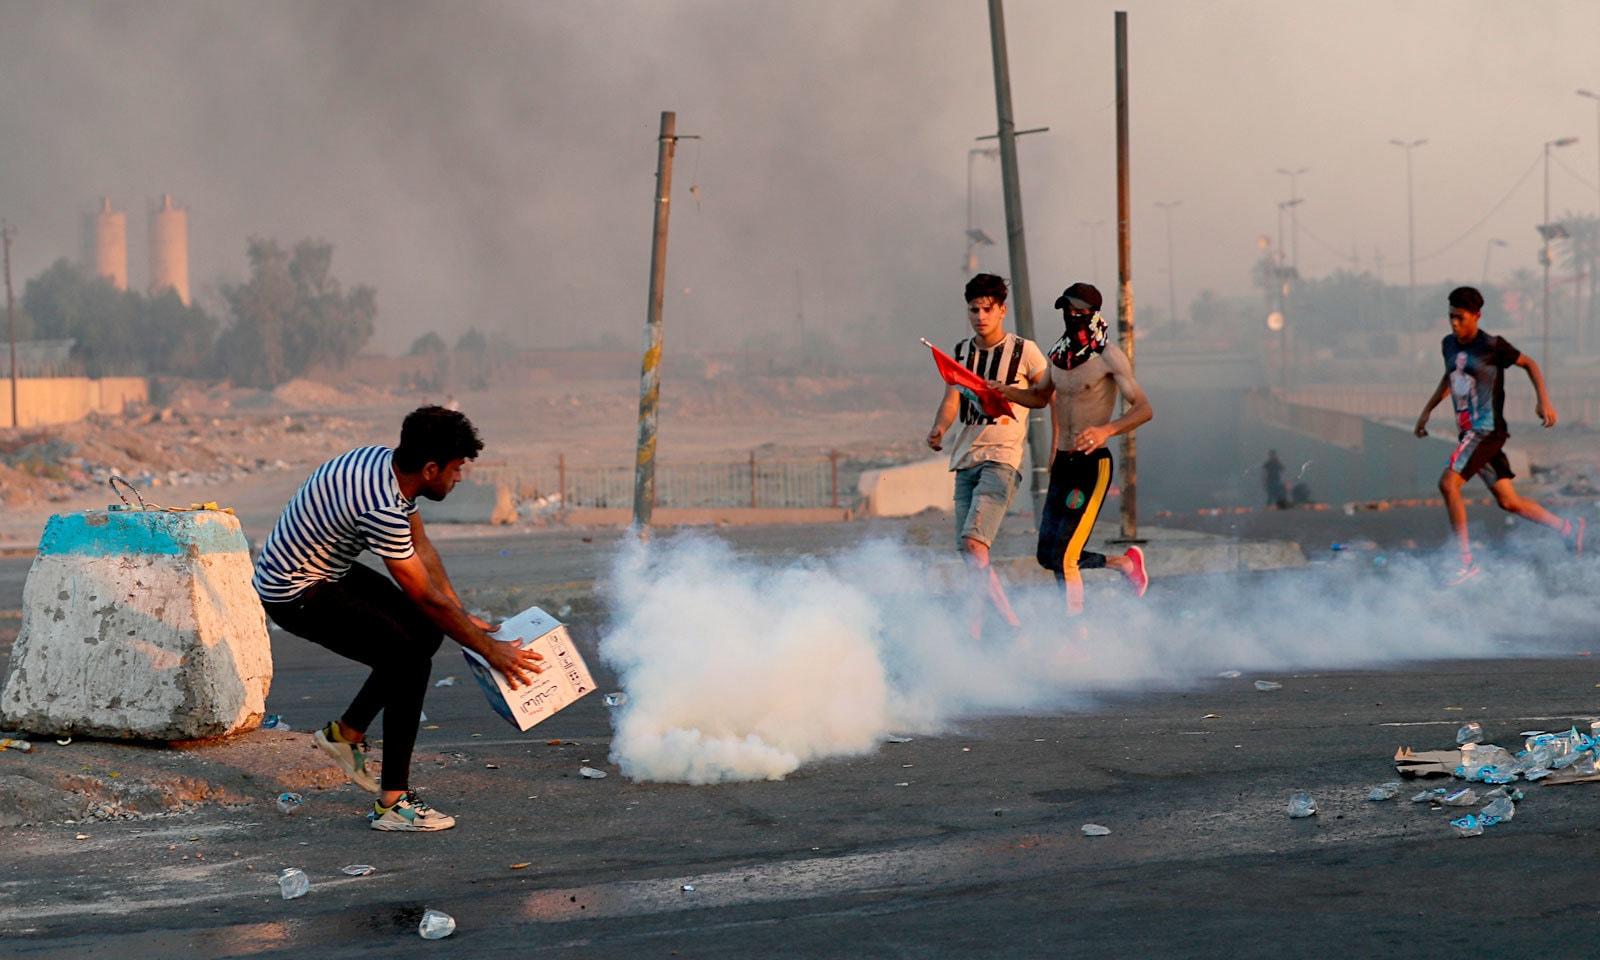 حکومت مخالف مظاہرین کو منتشر کرنے کیلئے سیکیورٹی فورسز آنسو گیس استعمال کر رہی ہے — فوٹو: اے پی